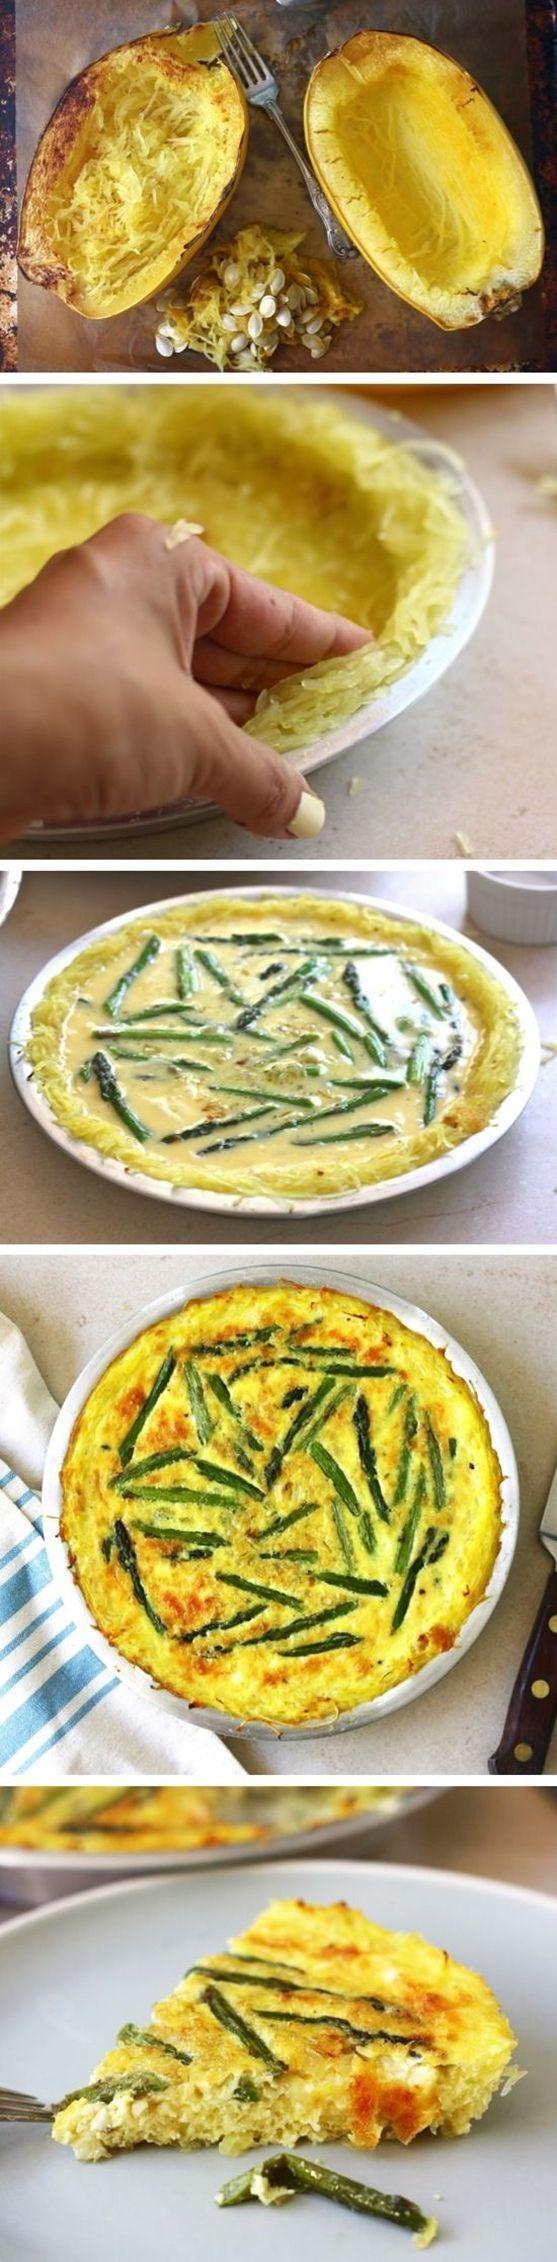 Asparagus Quiche with Spaghetti Squash Crust #healthy #easy #squash #quiche